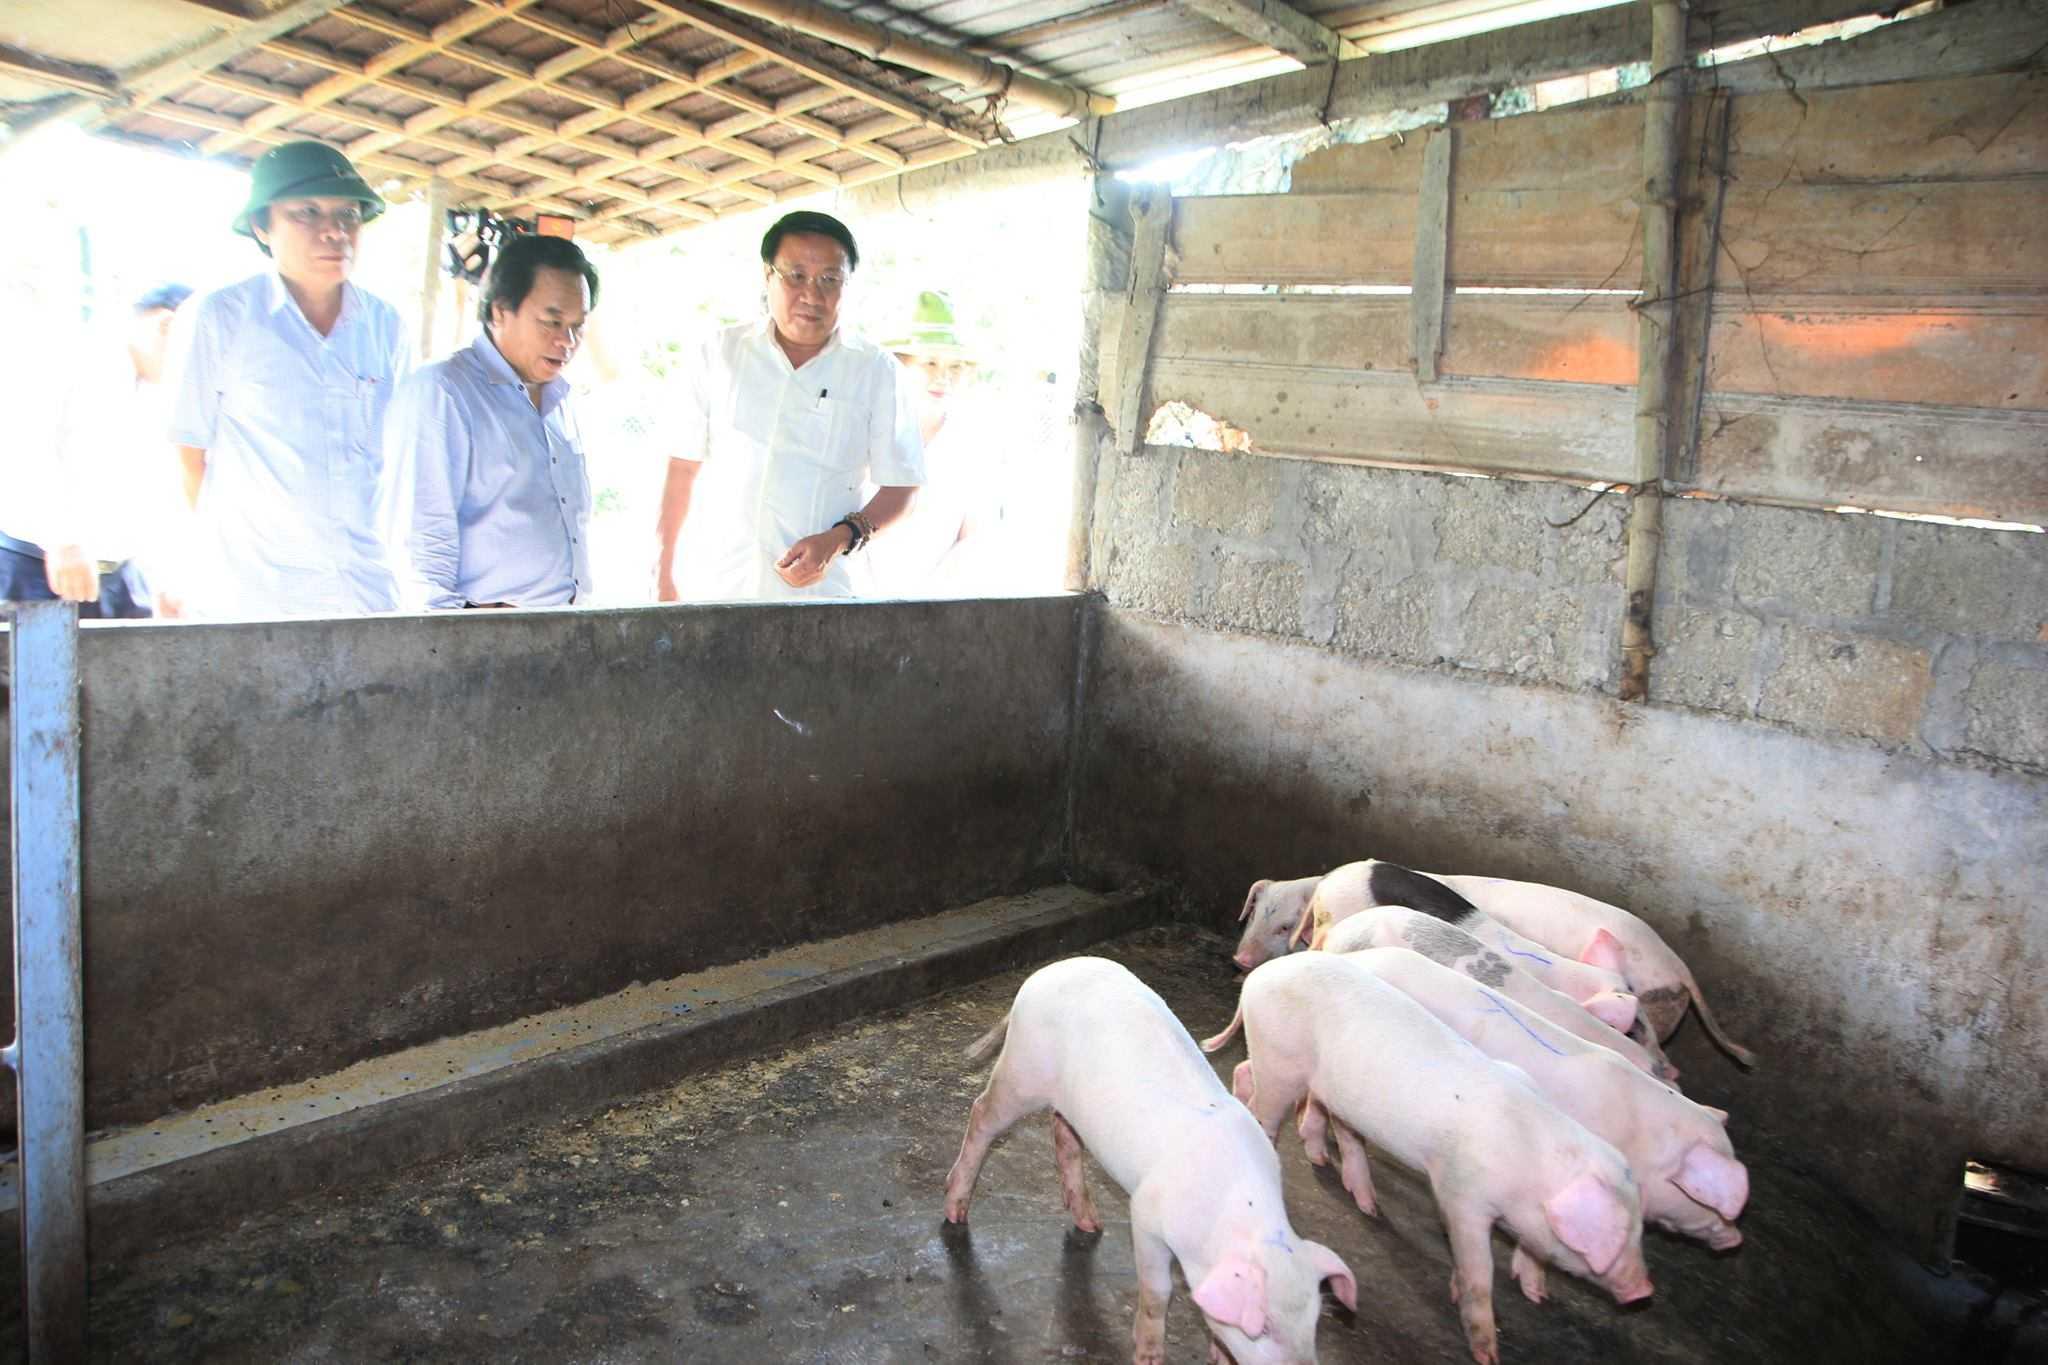 Đoàn công tác đi kiểm tra dịch lợn tai xanh ở Quảng Trị.